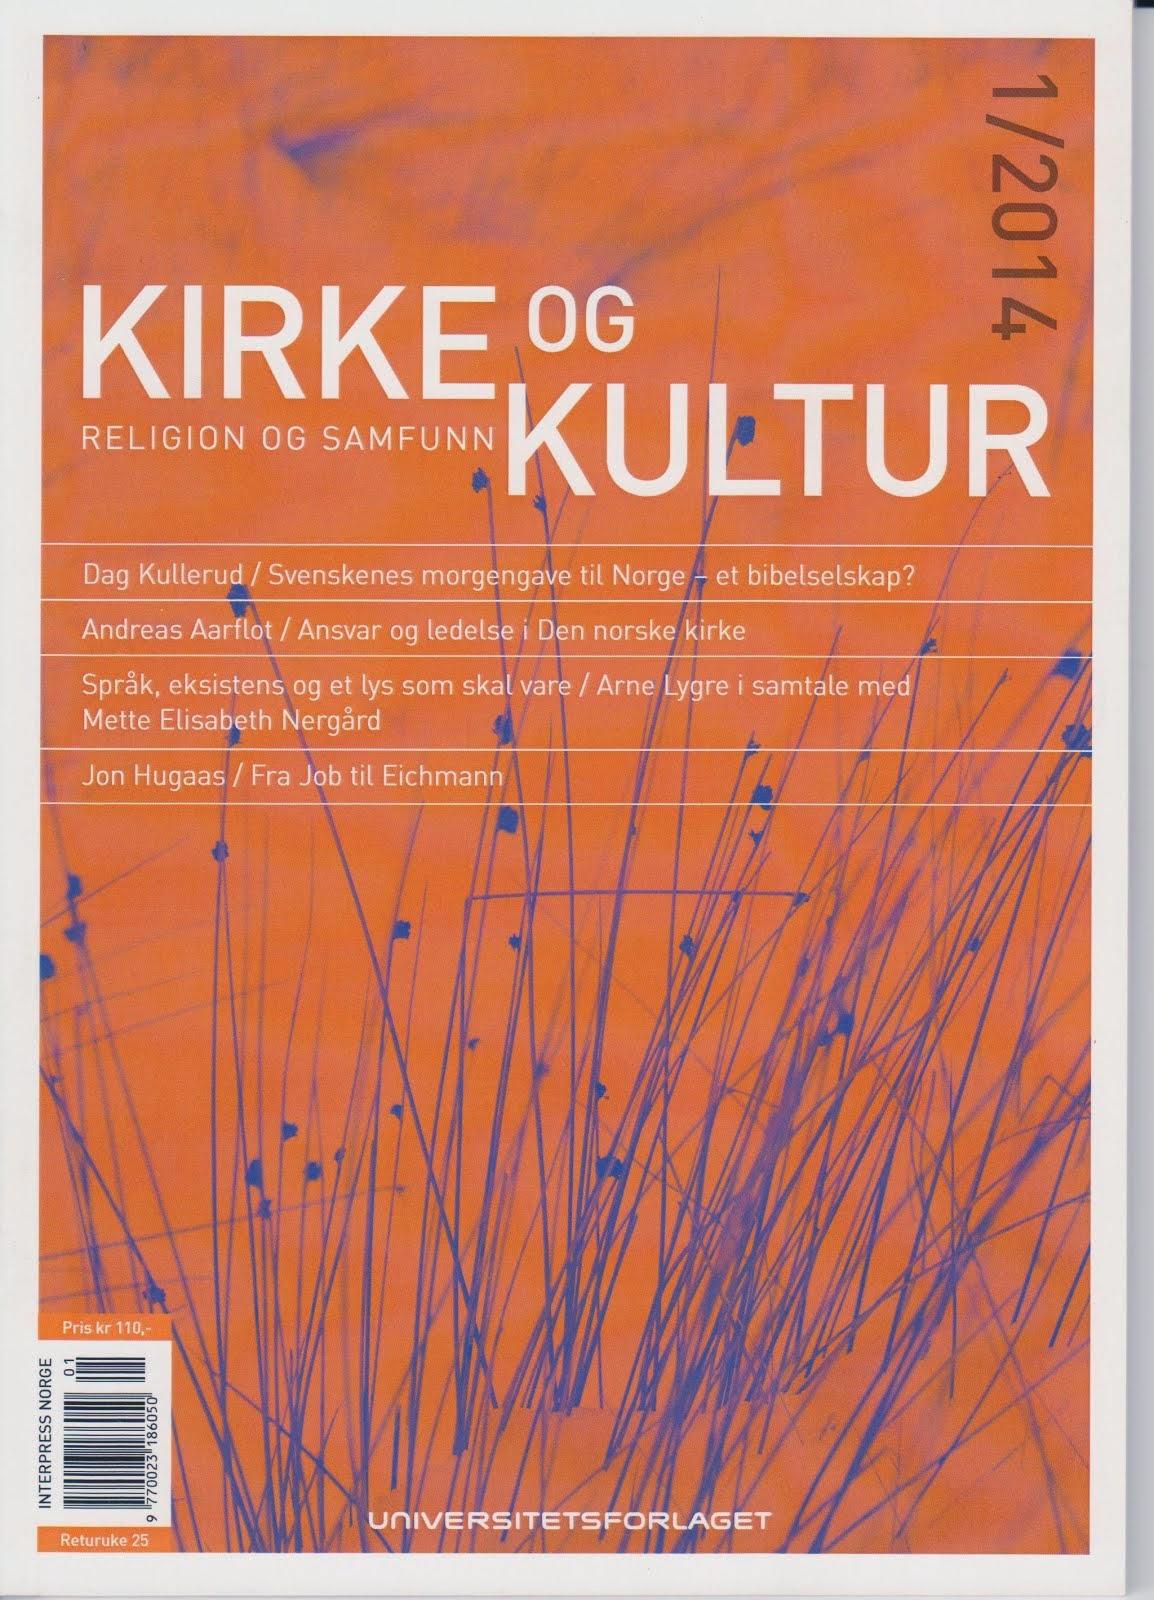 samtale norsk språk